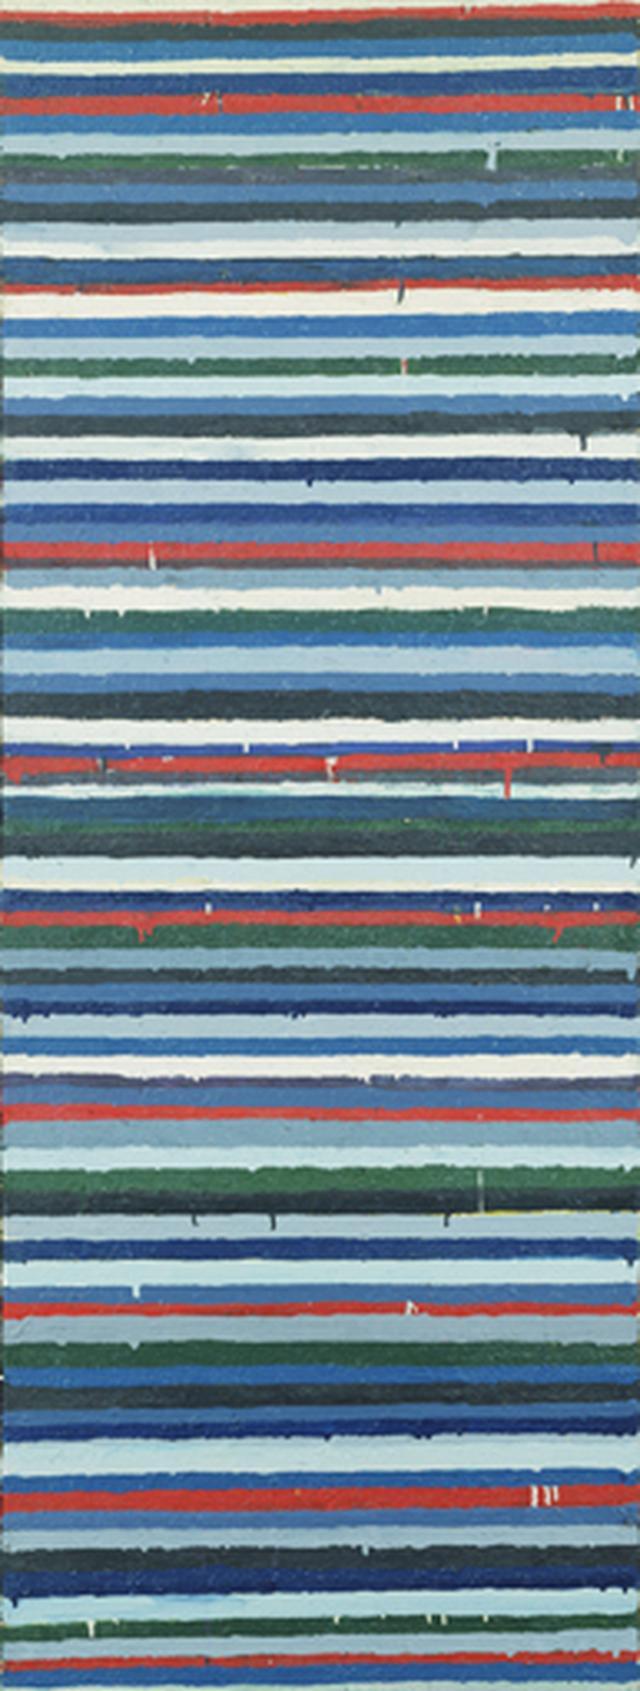 画像: 《Work C.73》1960年 油彩・キャンバス 180×68㎝ 東京国立近代美術館蔵